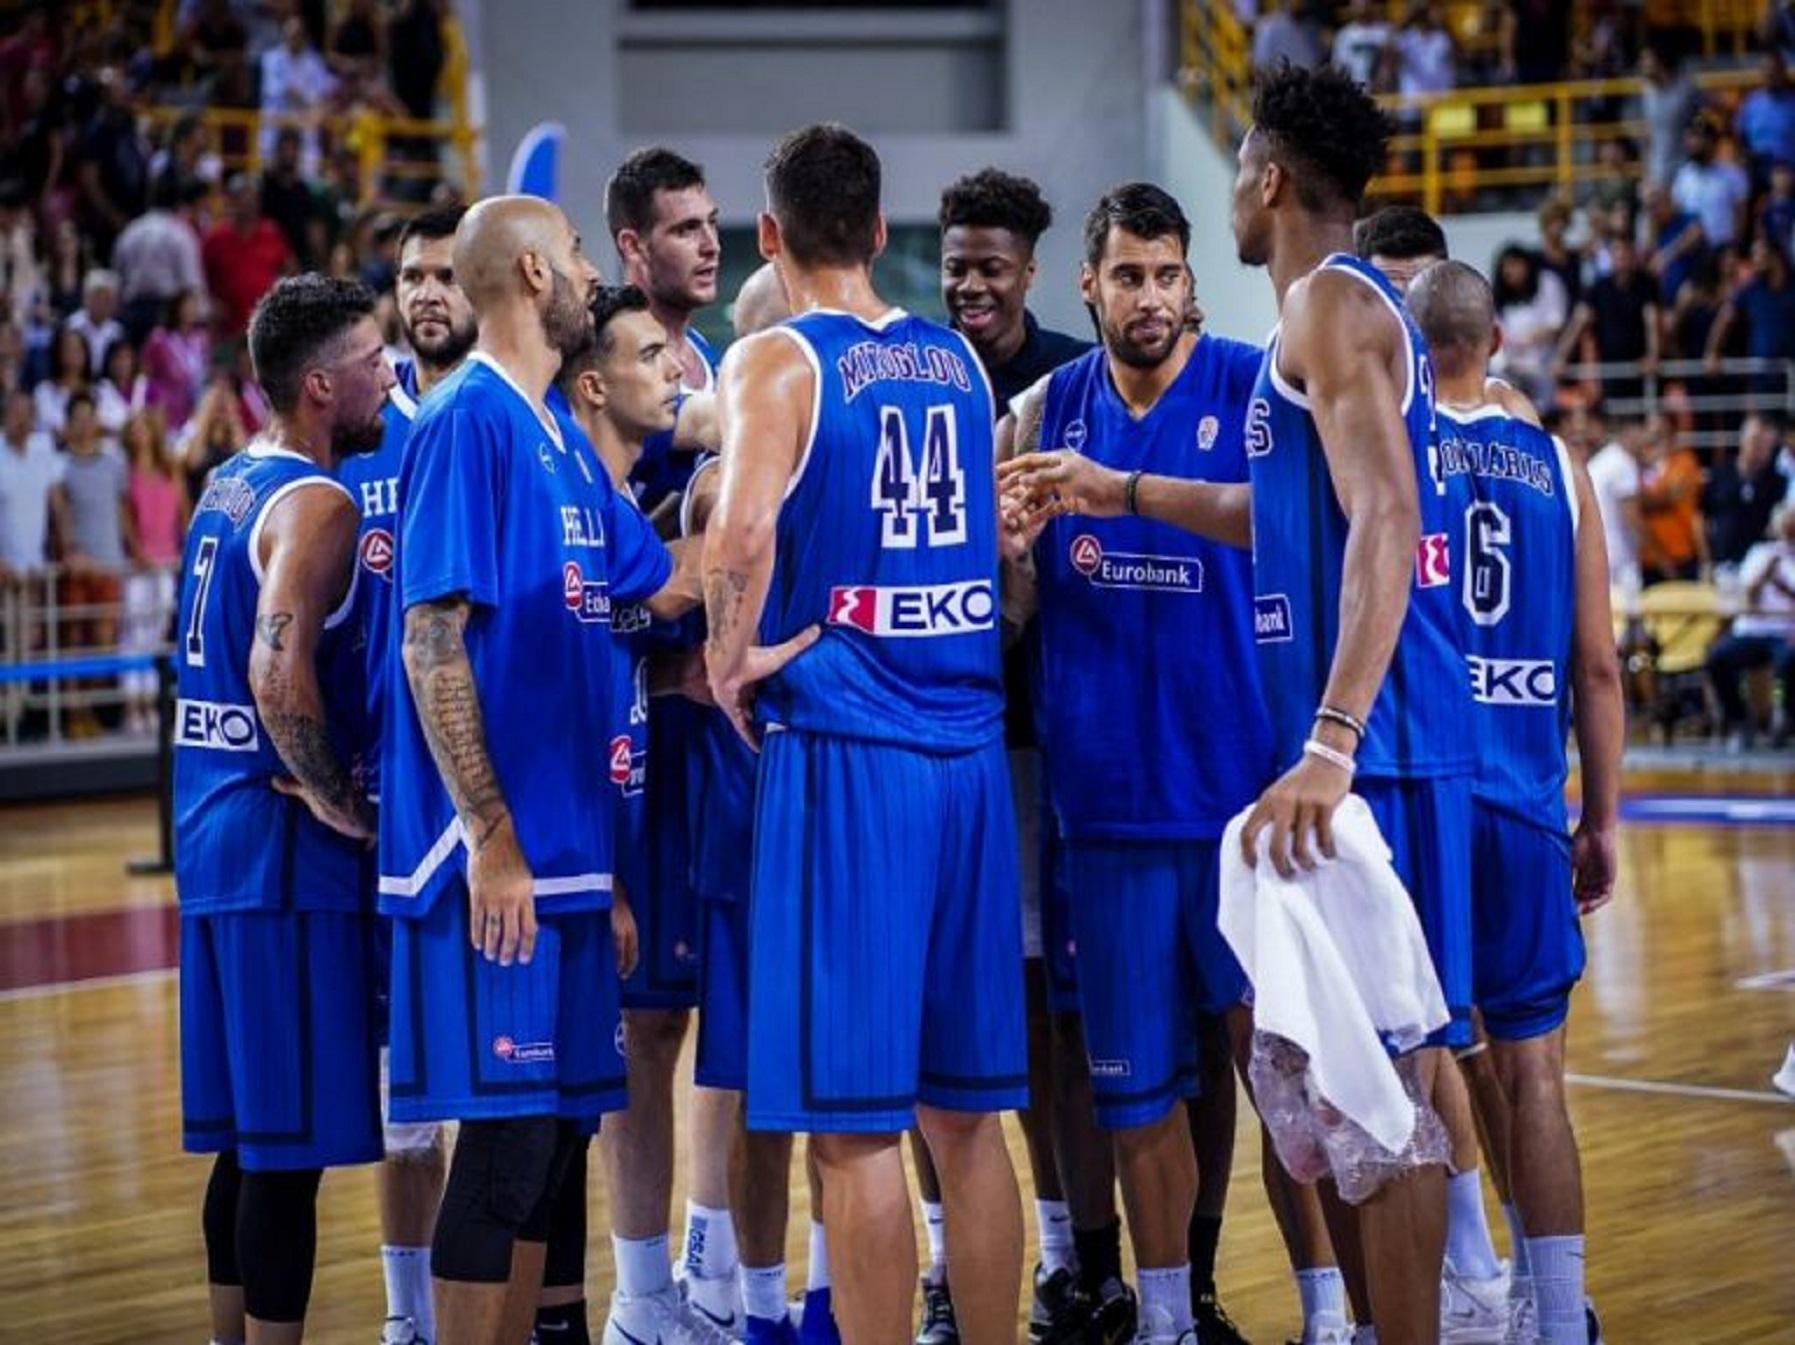 Ελλάδα - Σερβία 64-75